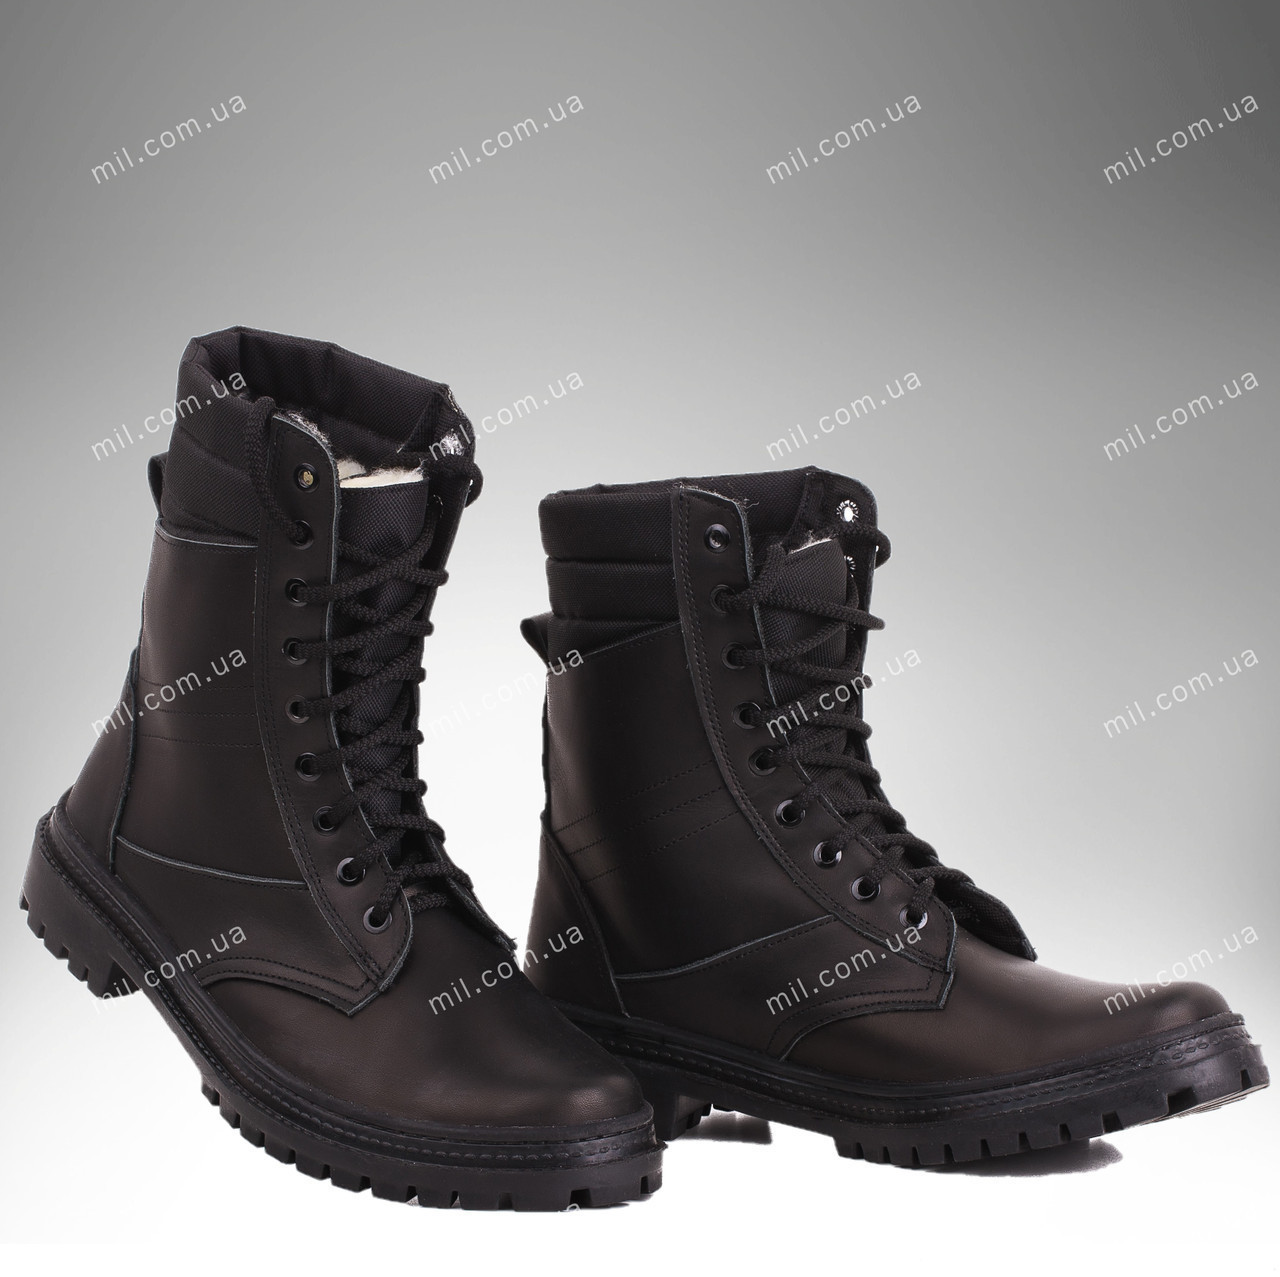 Берцы зимние / военная, рабочая обувь ПАНТЕРА II (black)